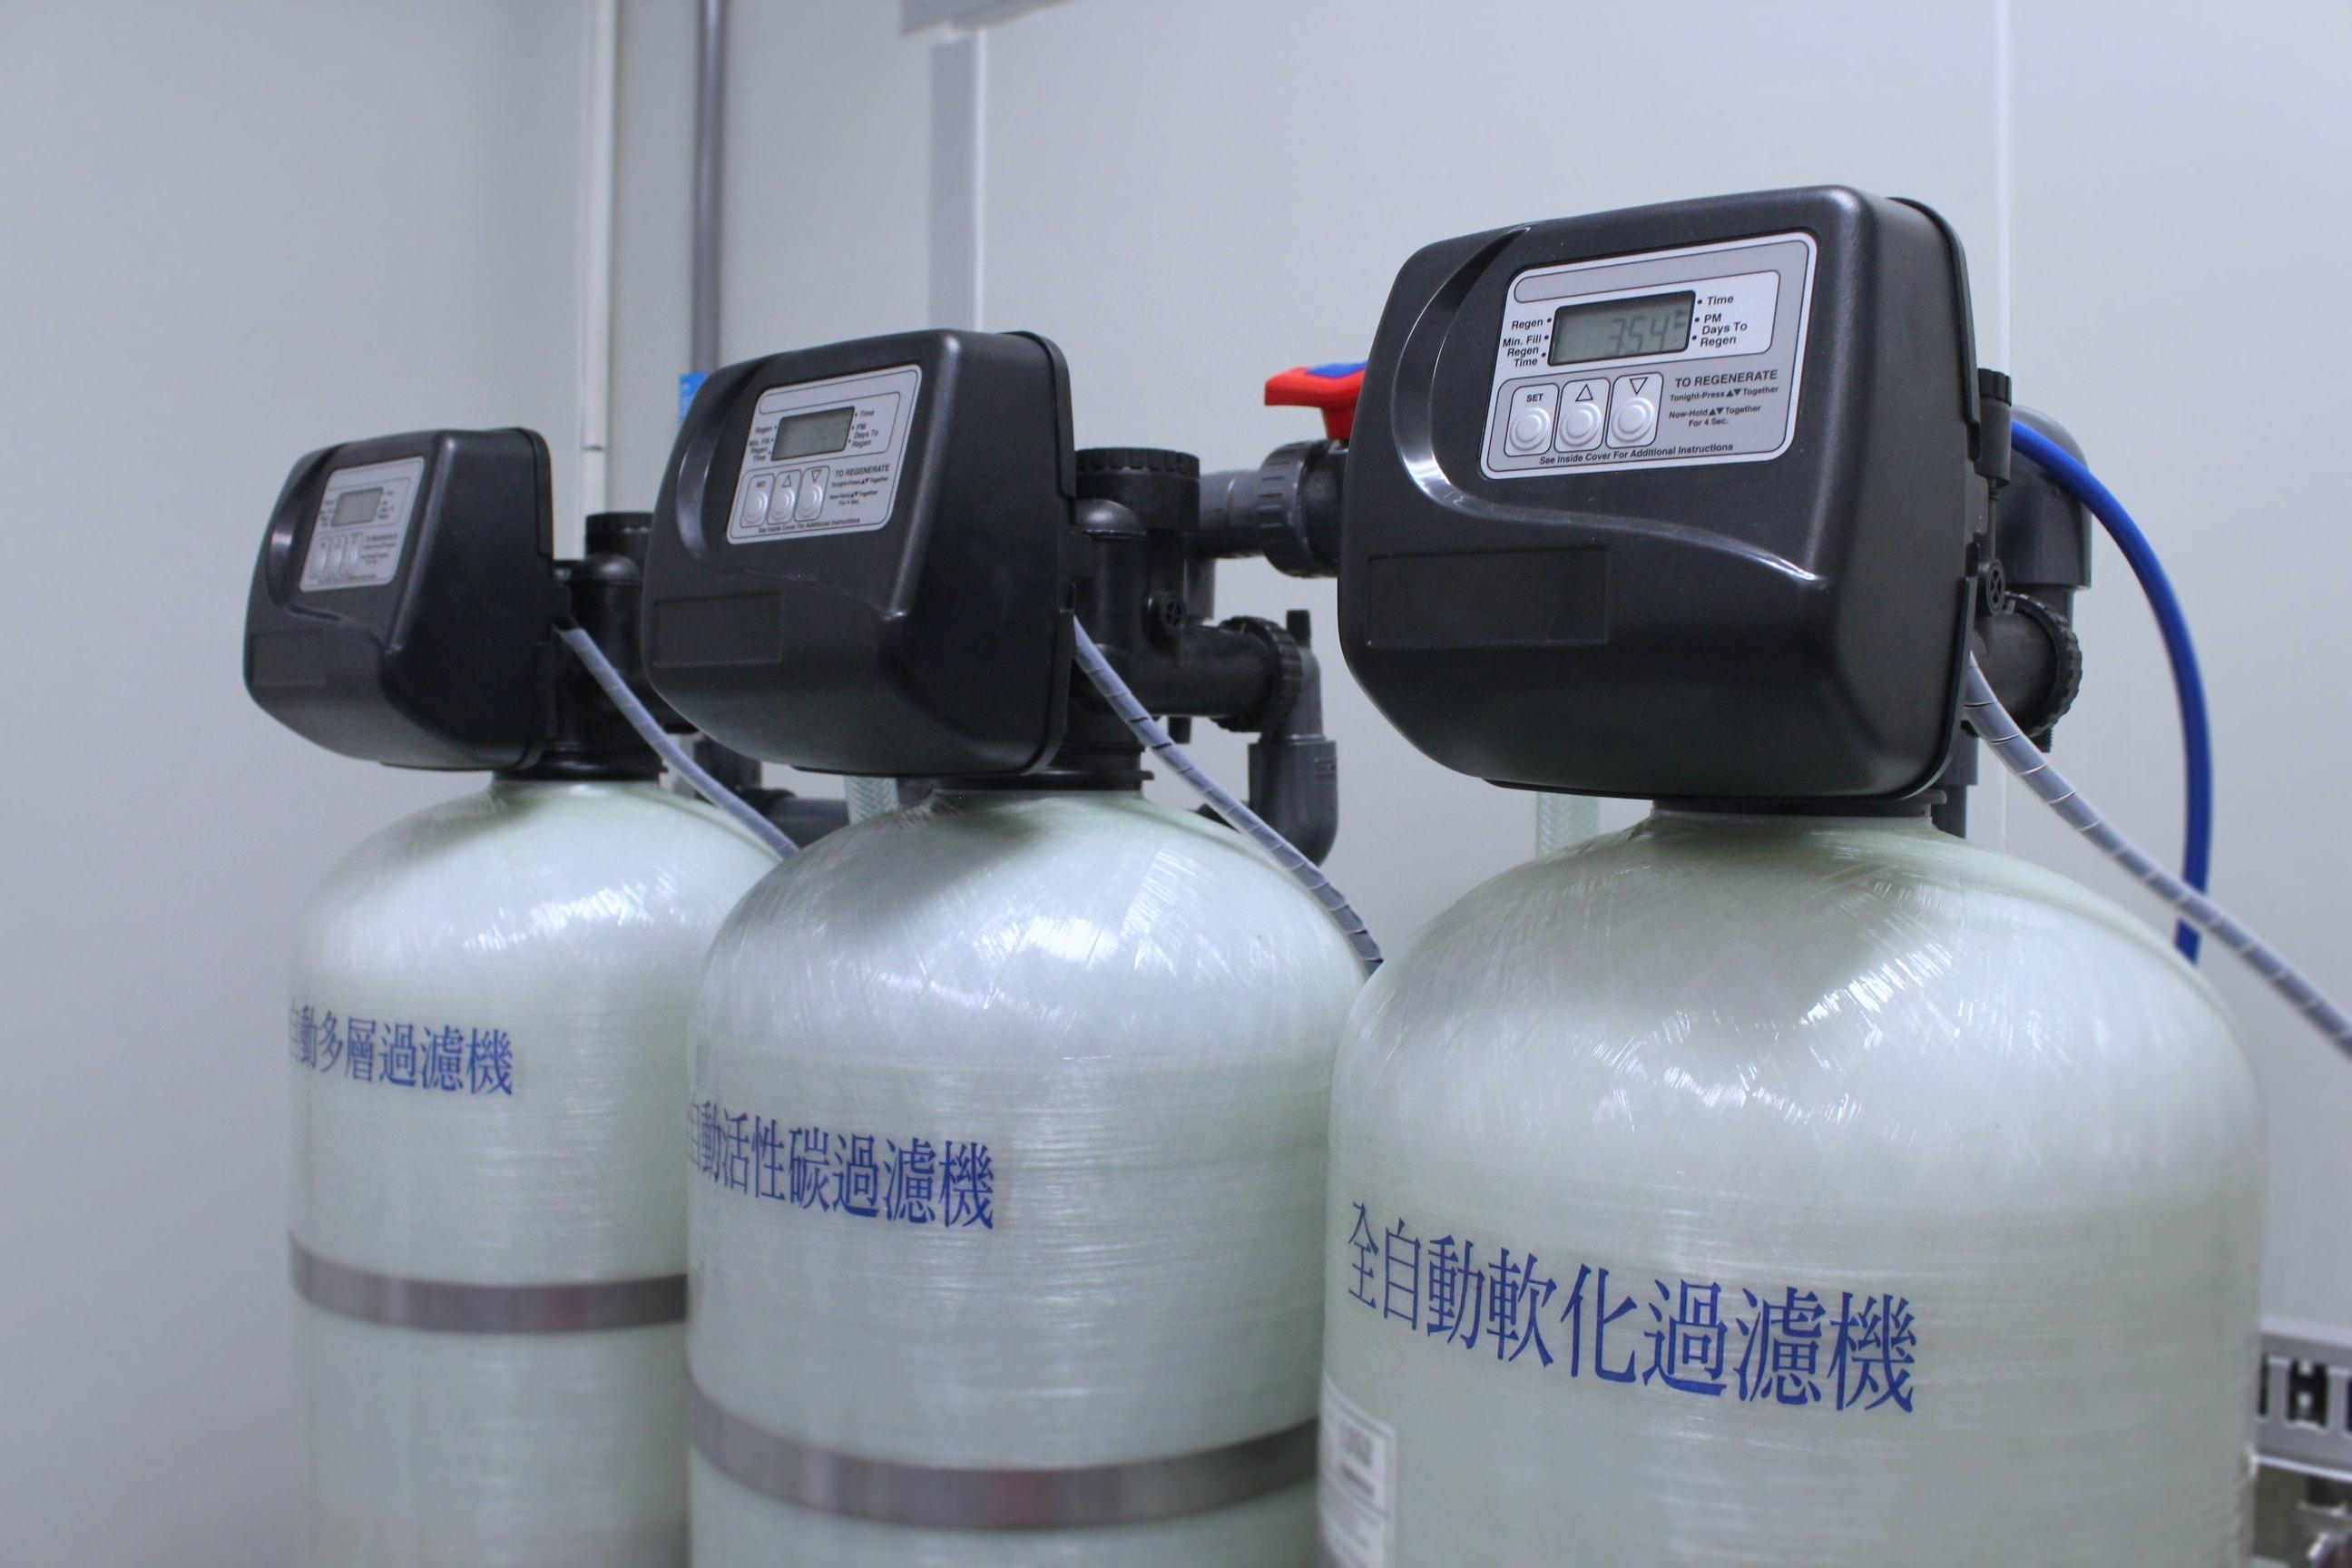 全自動多層過濾機 全自動活性碳過濾機 全自動軟化過濾機